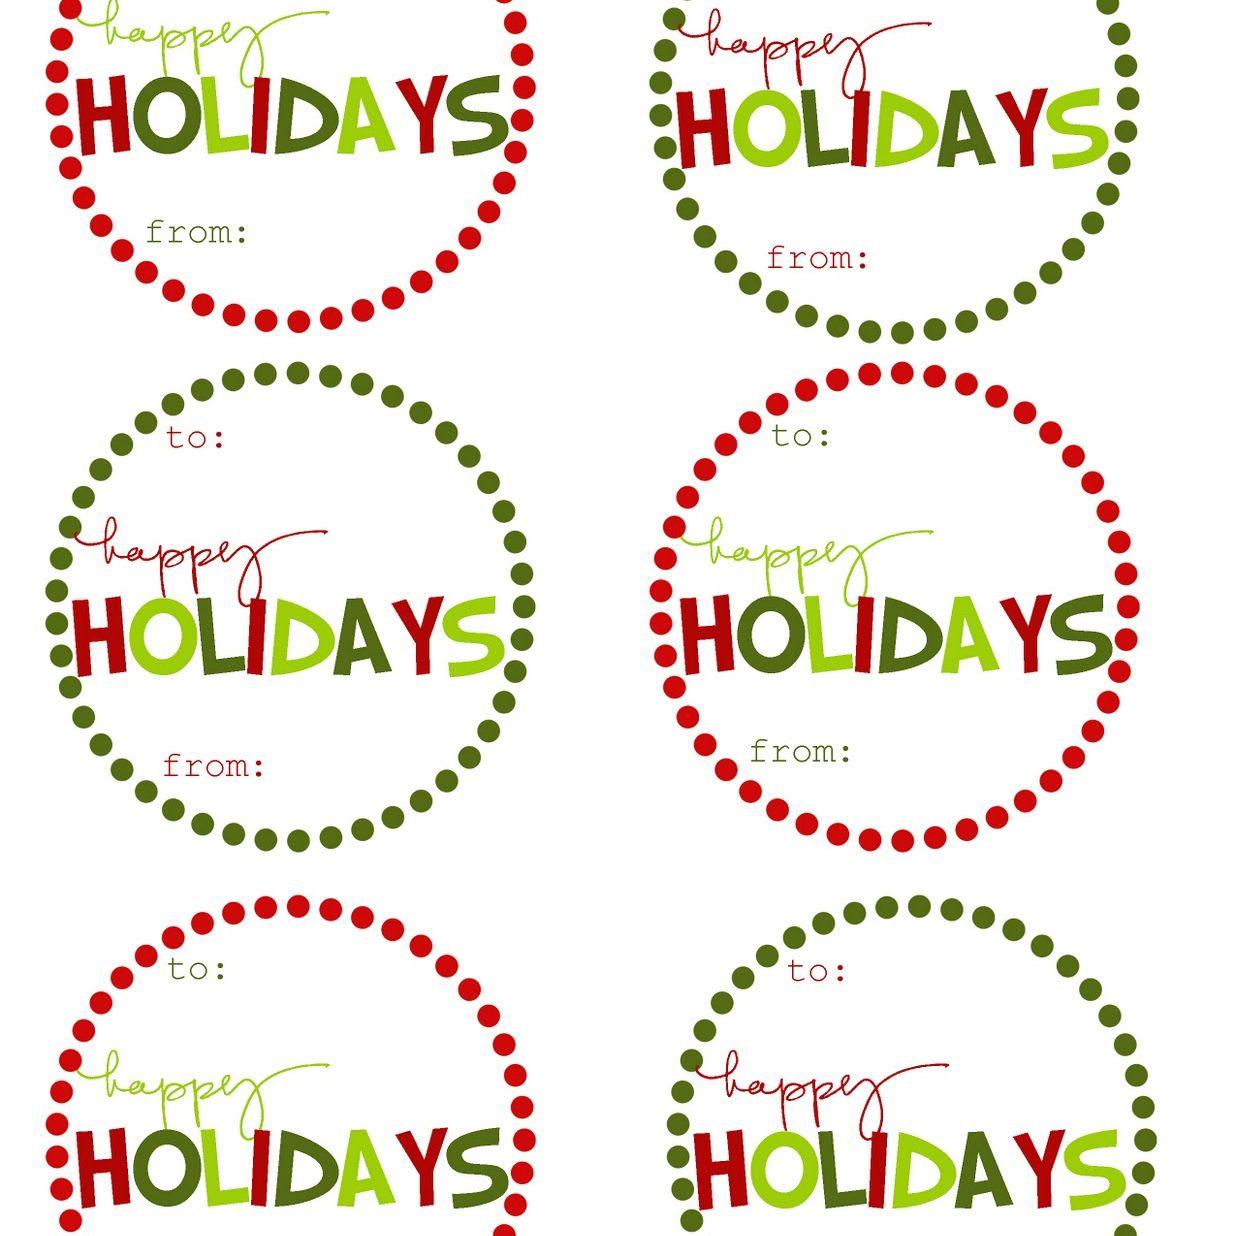 40 Sets Of Free Printable Christmas Gift Tags - Free Printable Gift Tags Personalized